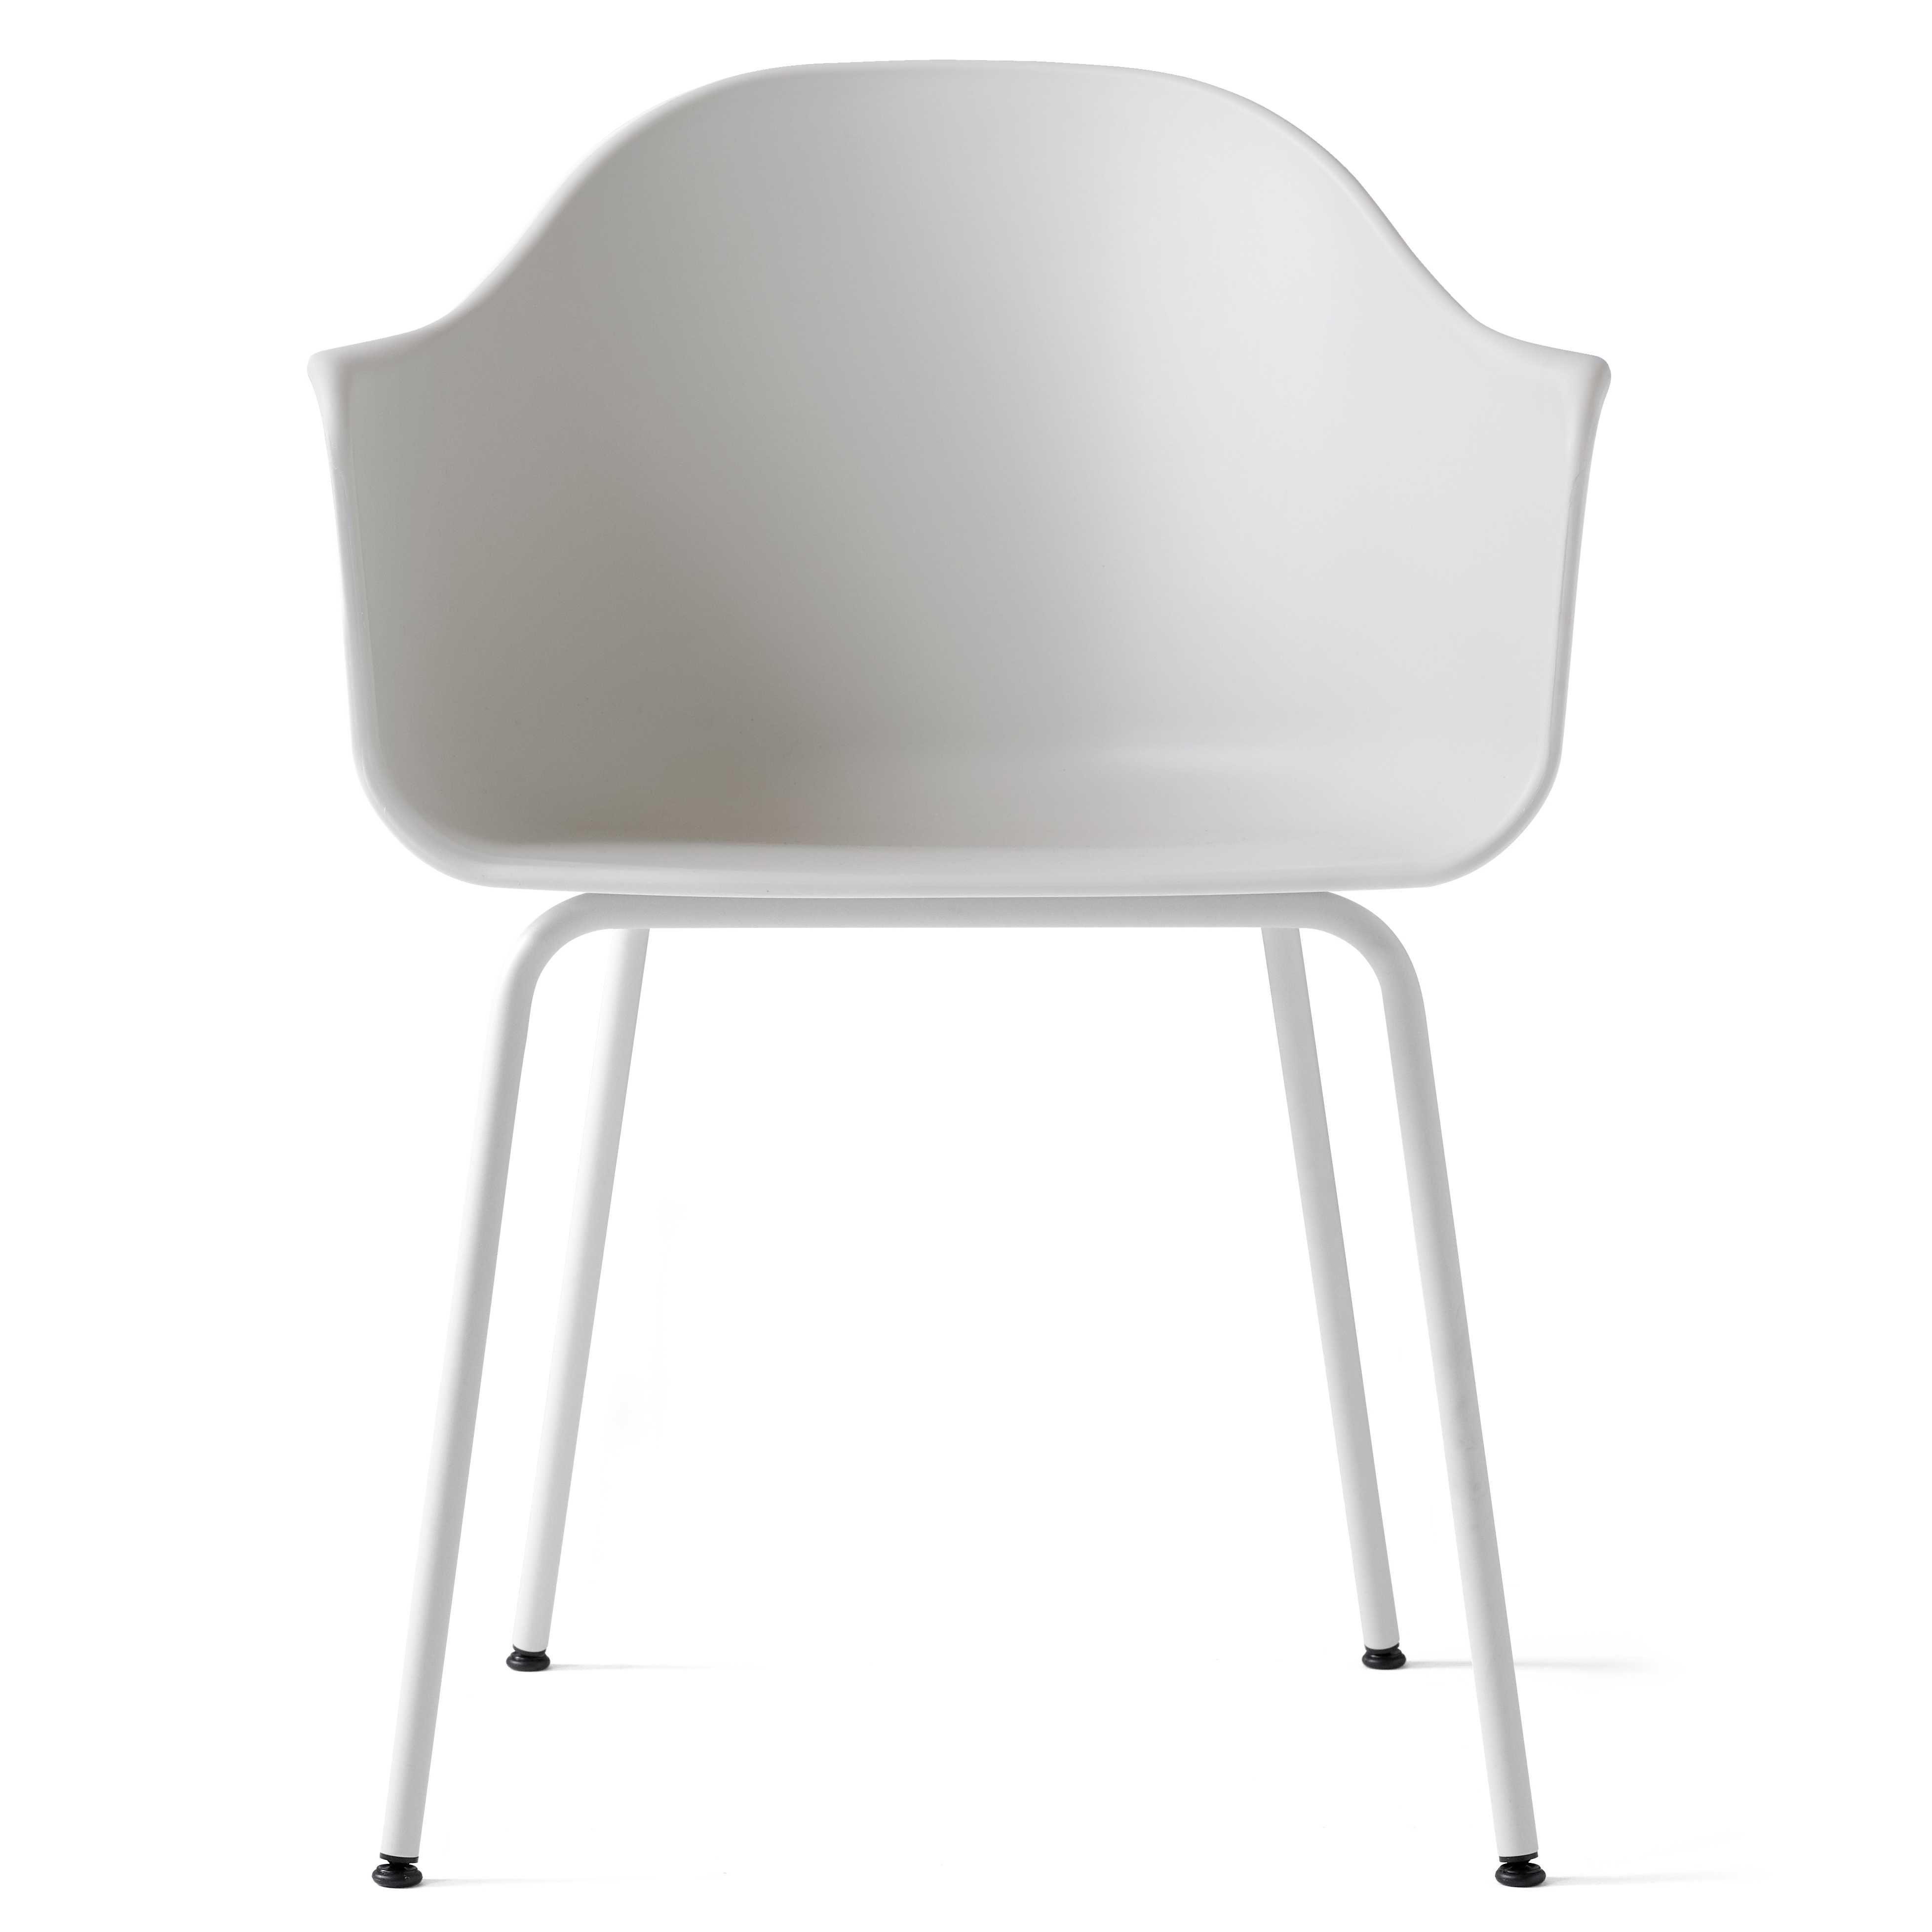 12 chairs menu soccer ball bean bag chair flinders voor meer dan 18 000 designproducten die passen